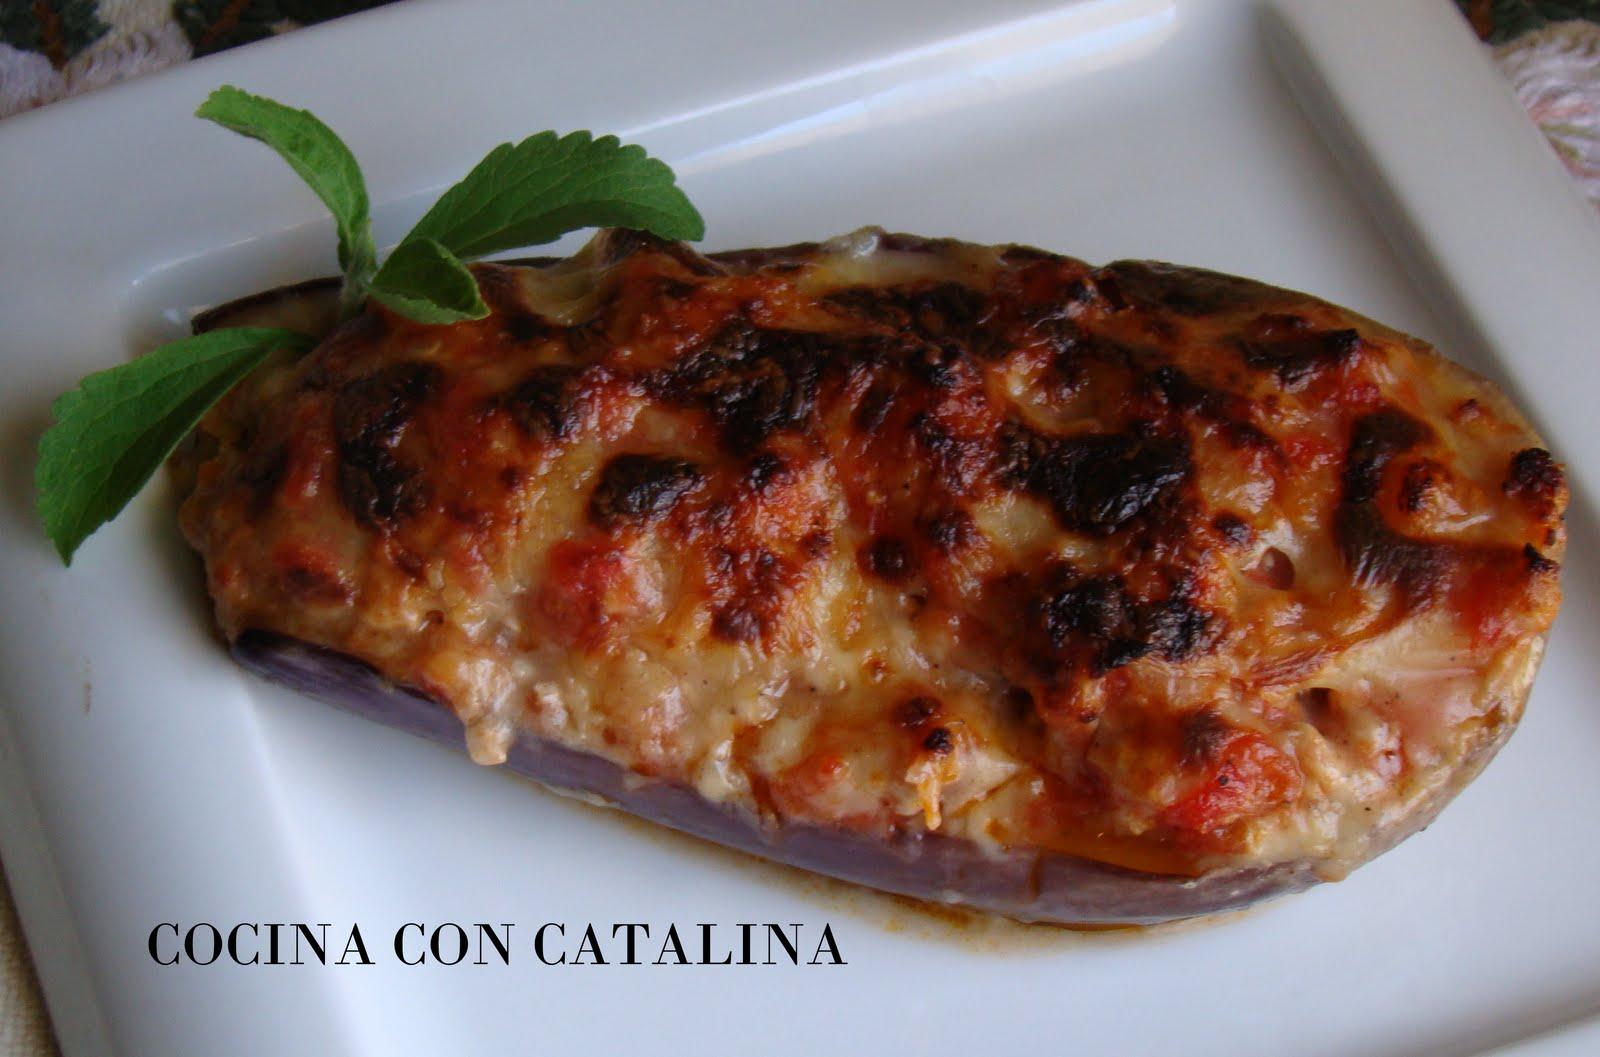 Cocina con catalina berenjenas rellenas de carne y for Cocina berenjenas rellenas